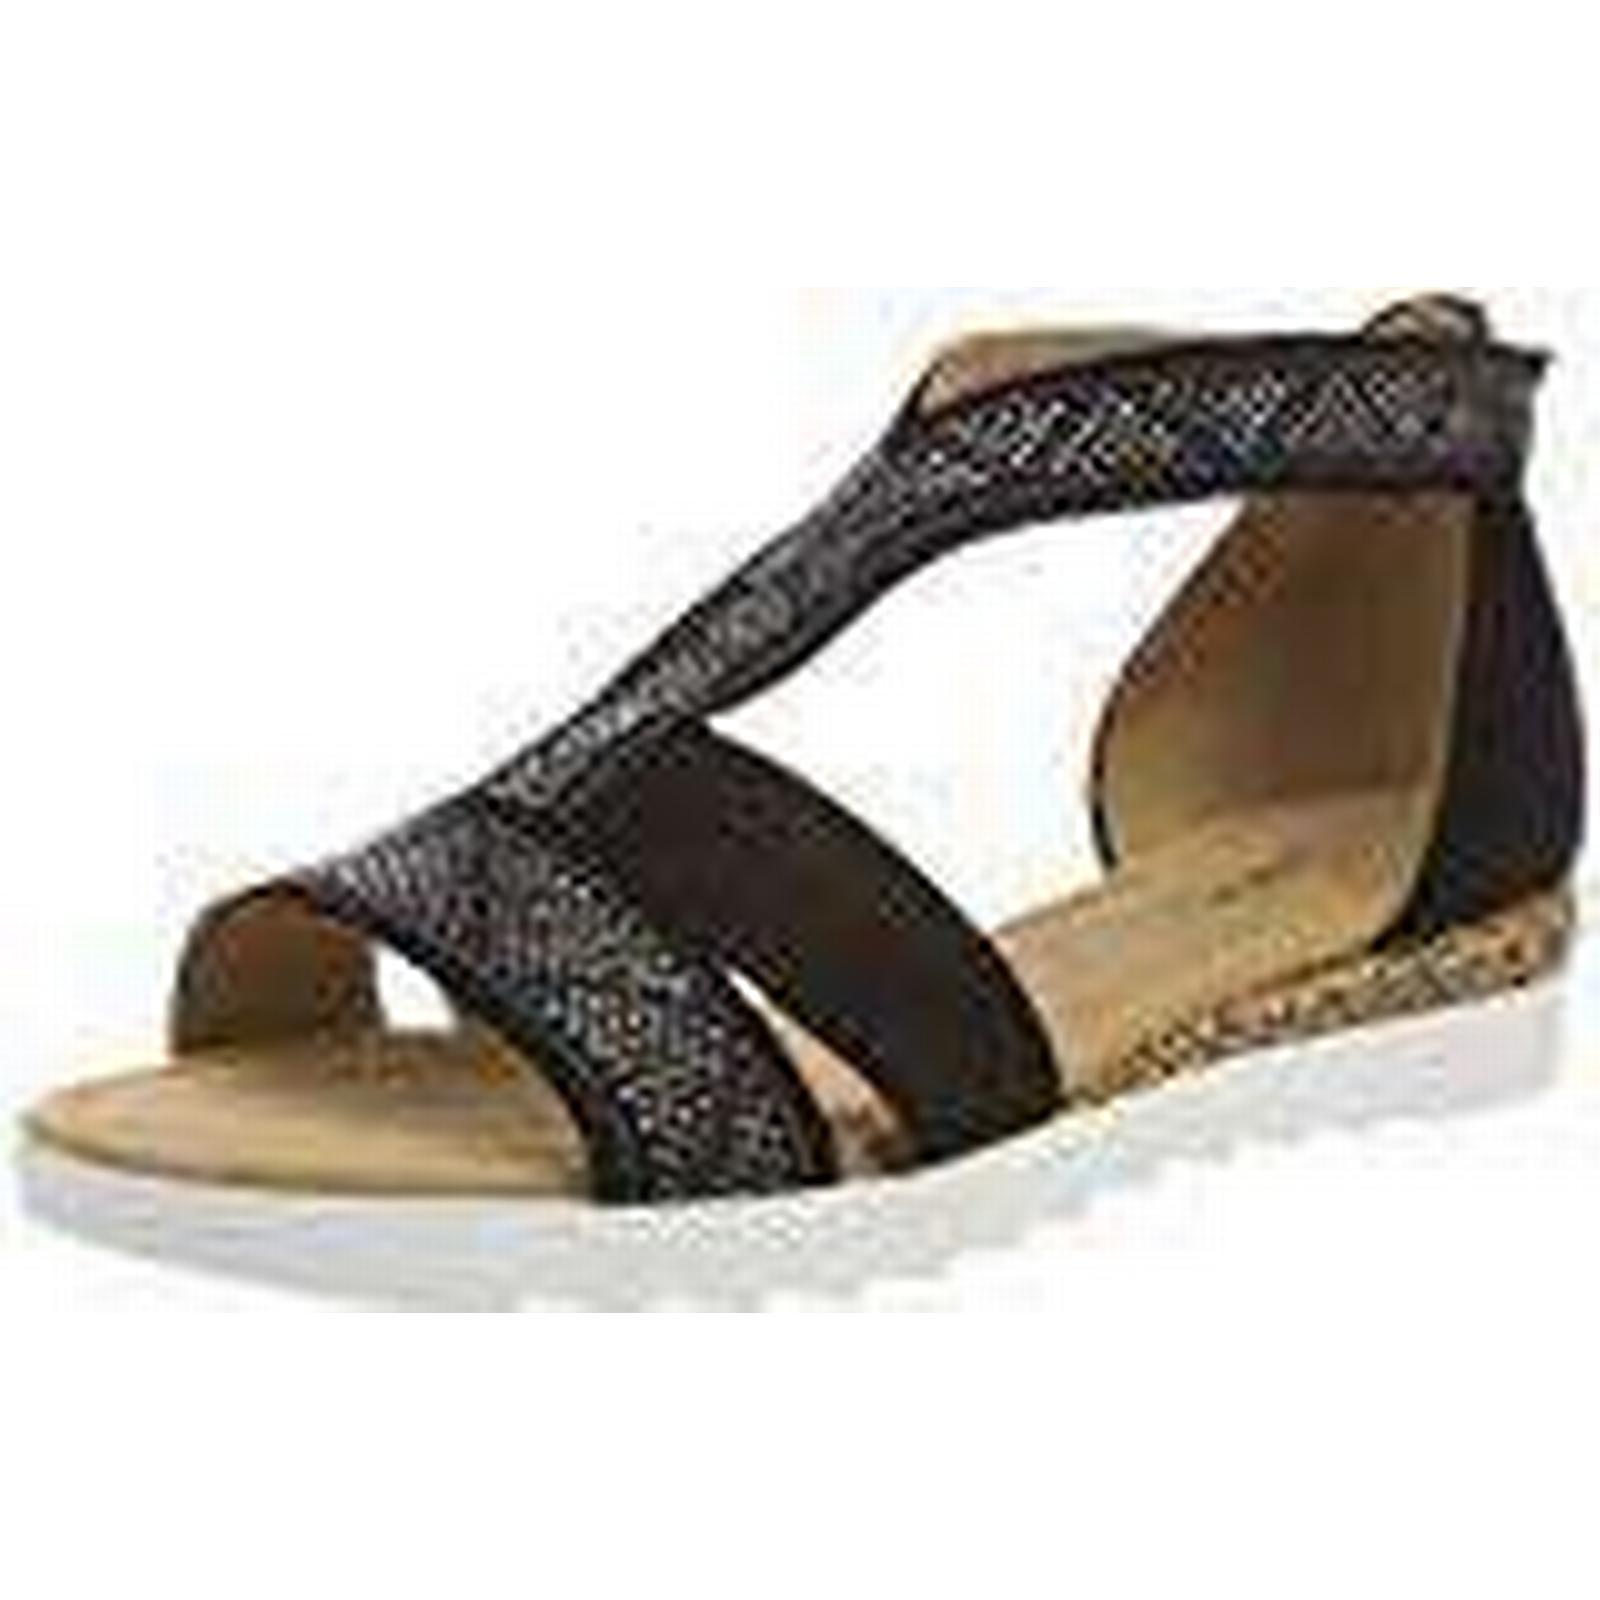 Gabor Women's Comfort Sport Ankle Strap Sandals, Black (Schw Grata/Motiv UK 47), 6.5 UK 6.5 UK Grata/Motiv 644e22